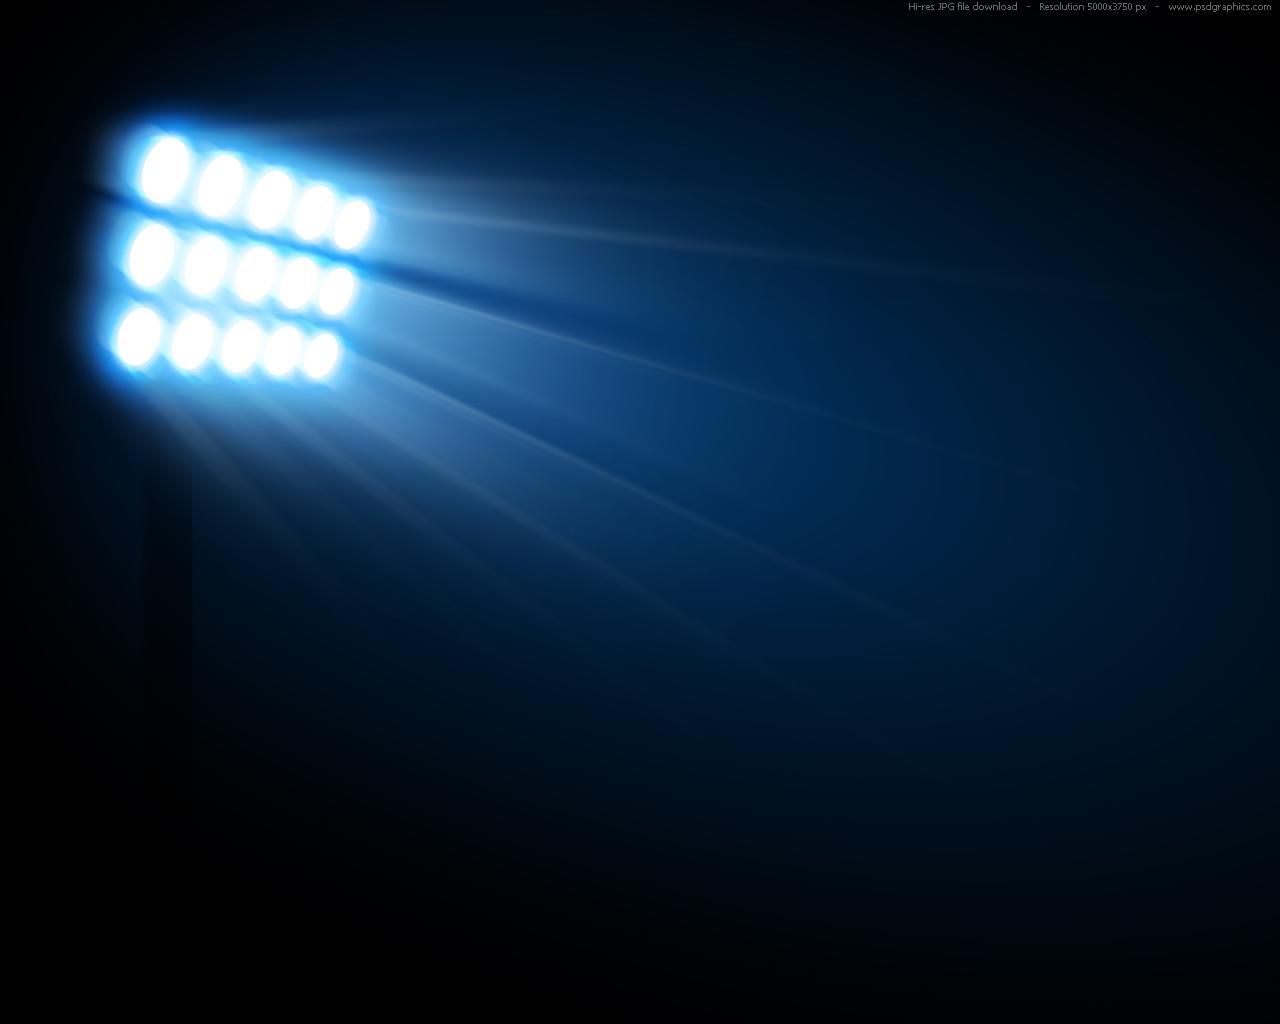 Football clipart light blue All  Football Backgrounds High